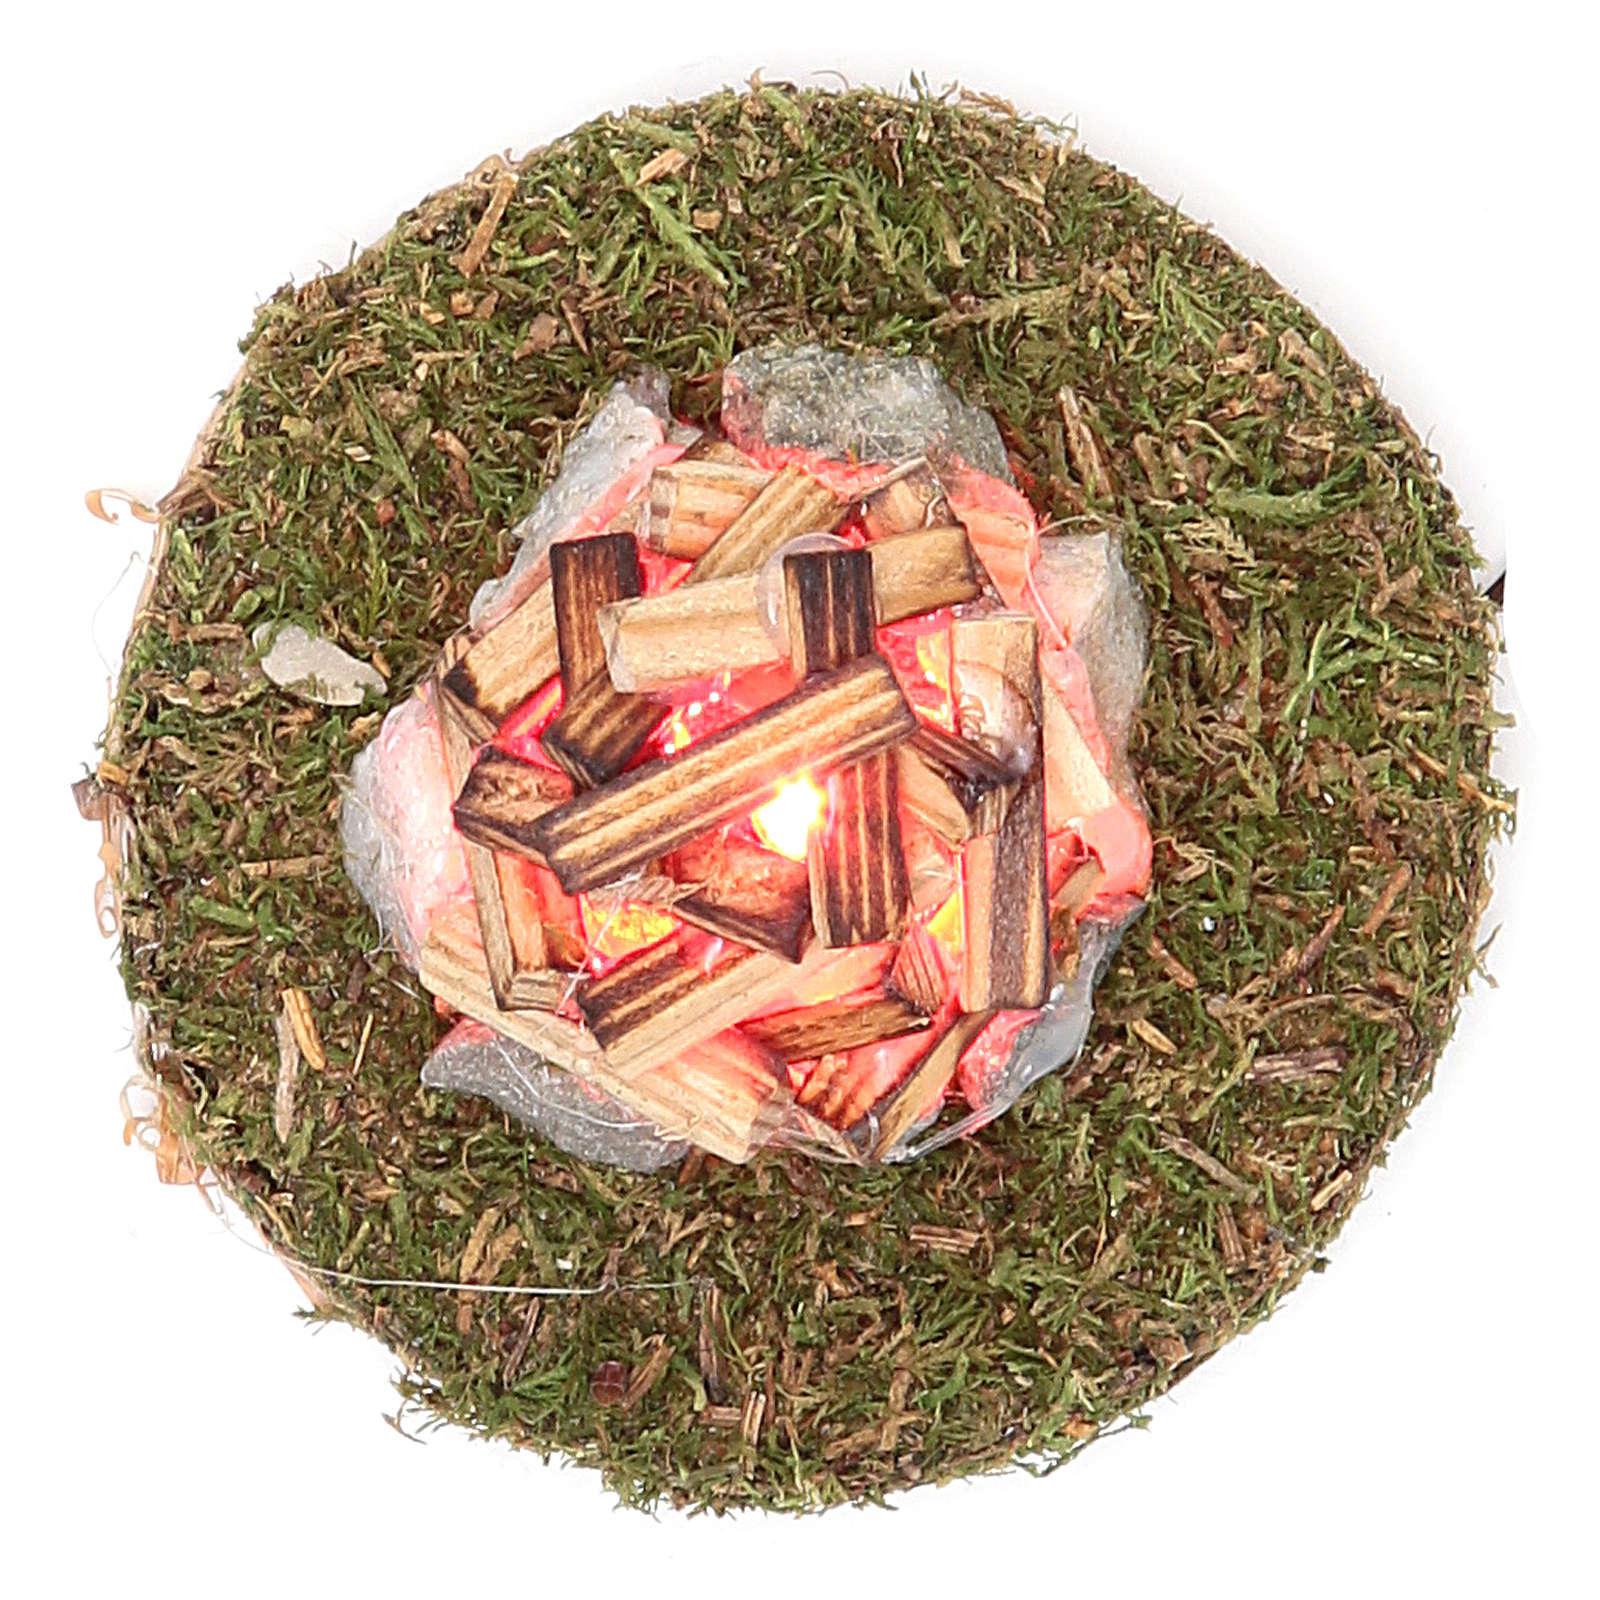 Ogień do szopki z oświetleniem 3,5V h.4x7 cm 4